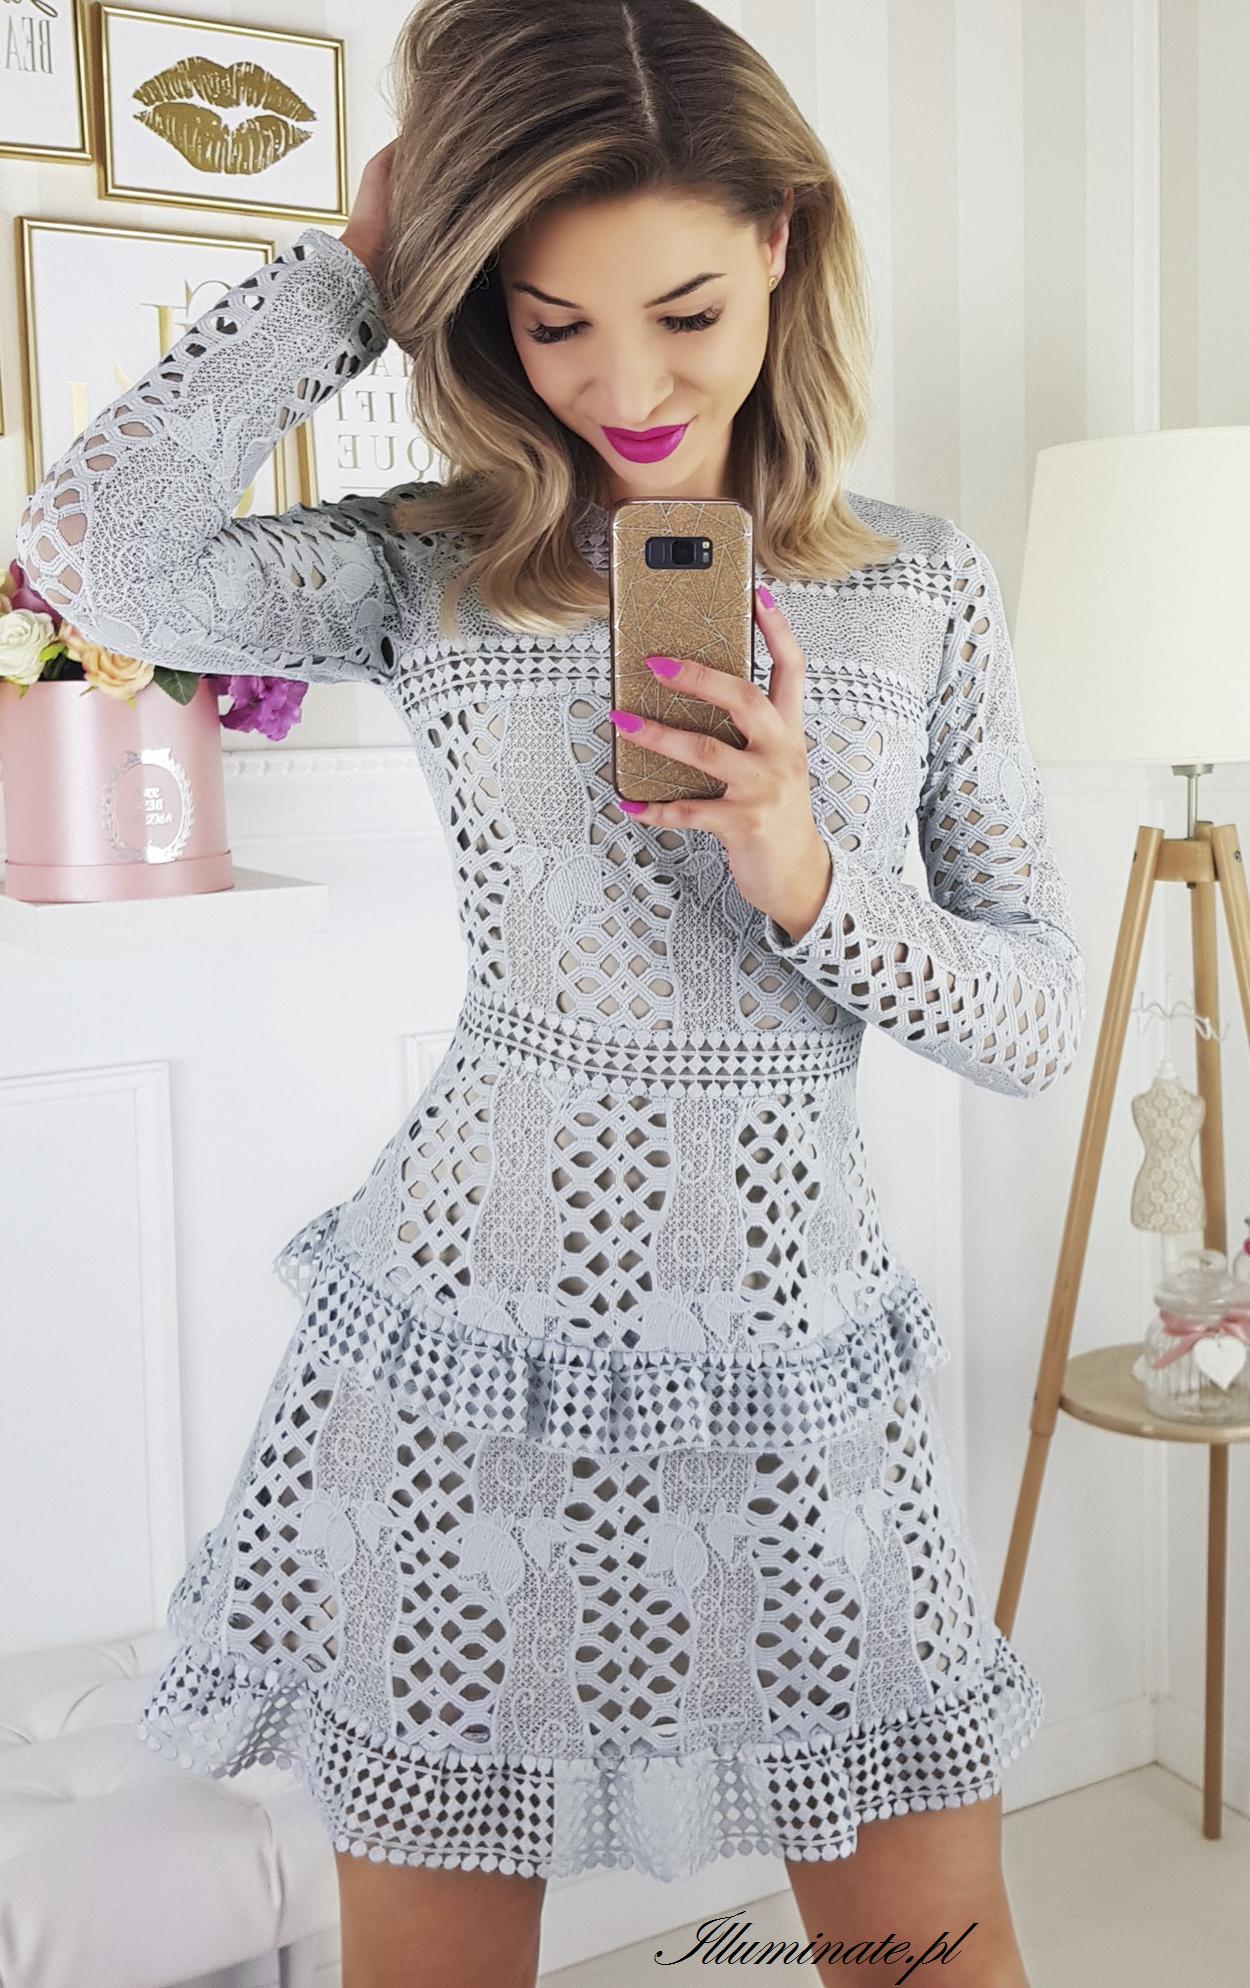 b709c1472fb0ac Szara koronkowa elegancka sukienka idealna na poprawiny Sukienka szyta w  Polsce! 309 zł -> illuminate.pl #sale #wyprzedaz #swiadkowa #slub  #skleponline ...